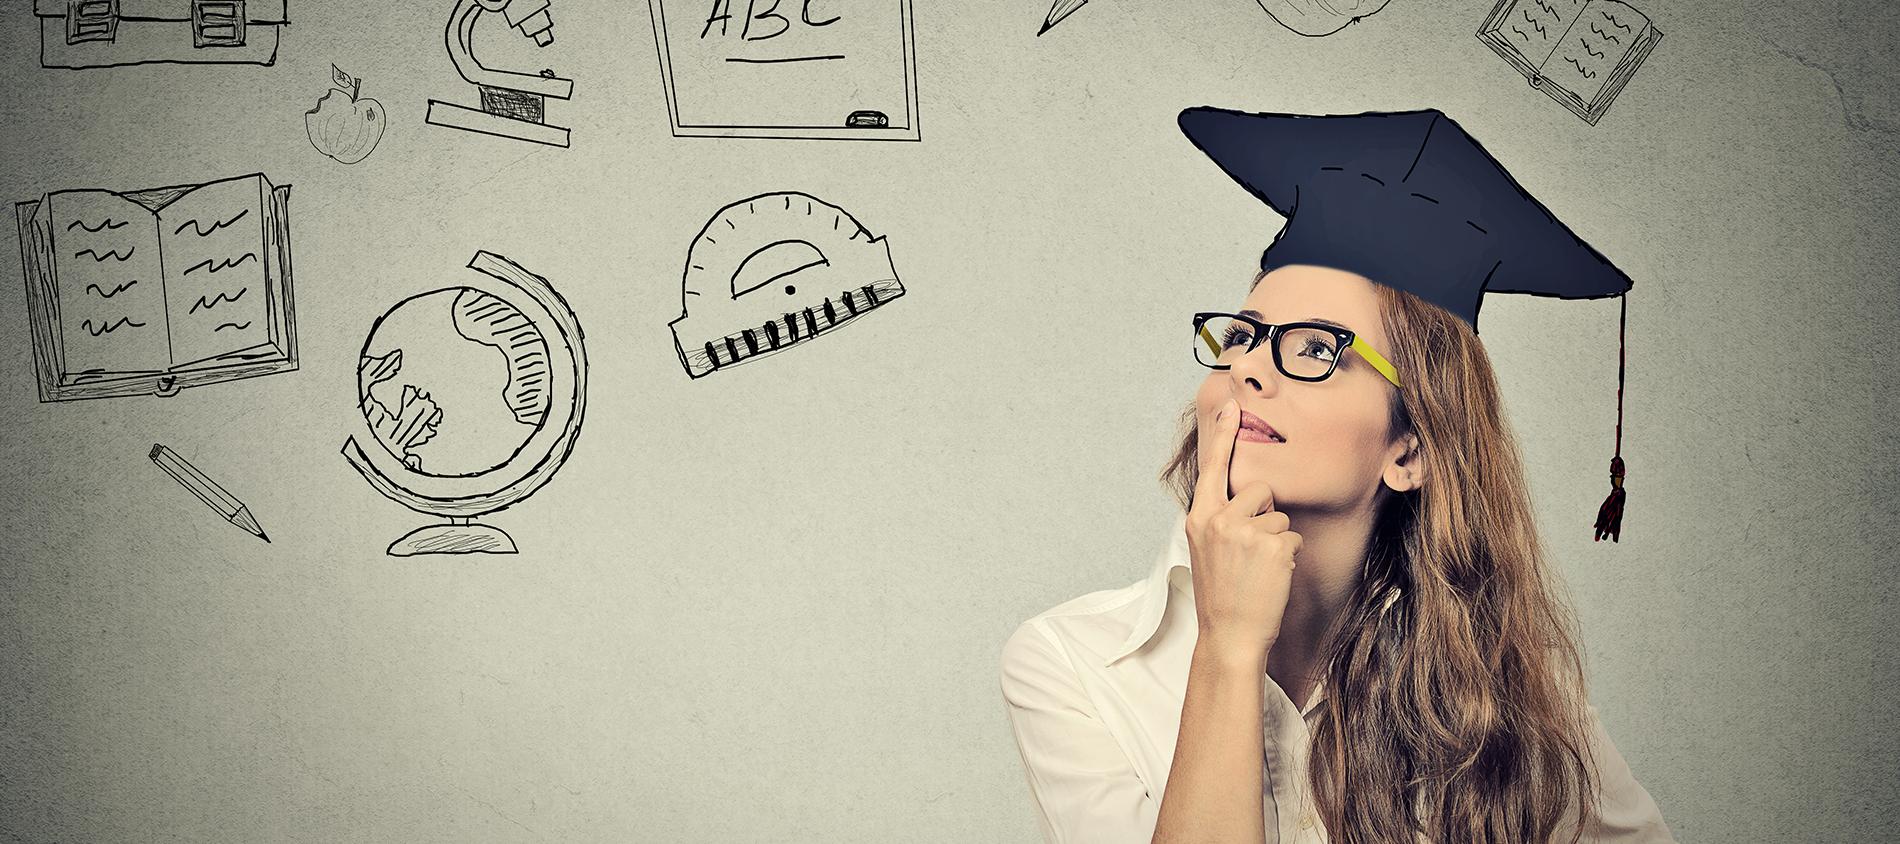 ¿Qué esperar del Inbound Marketing para lograr los retos de crecer tu población estudiantil?